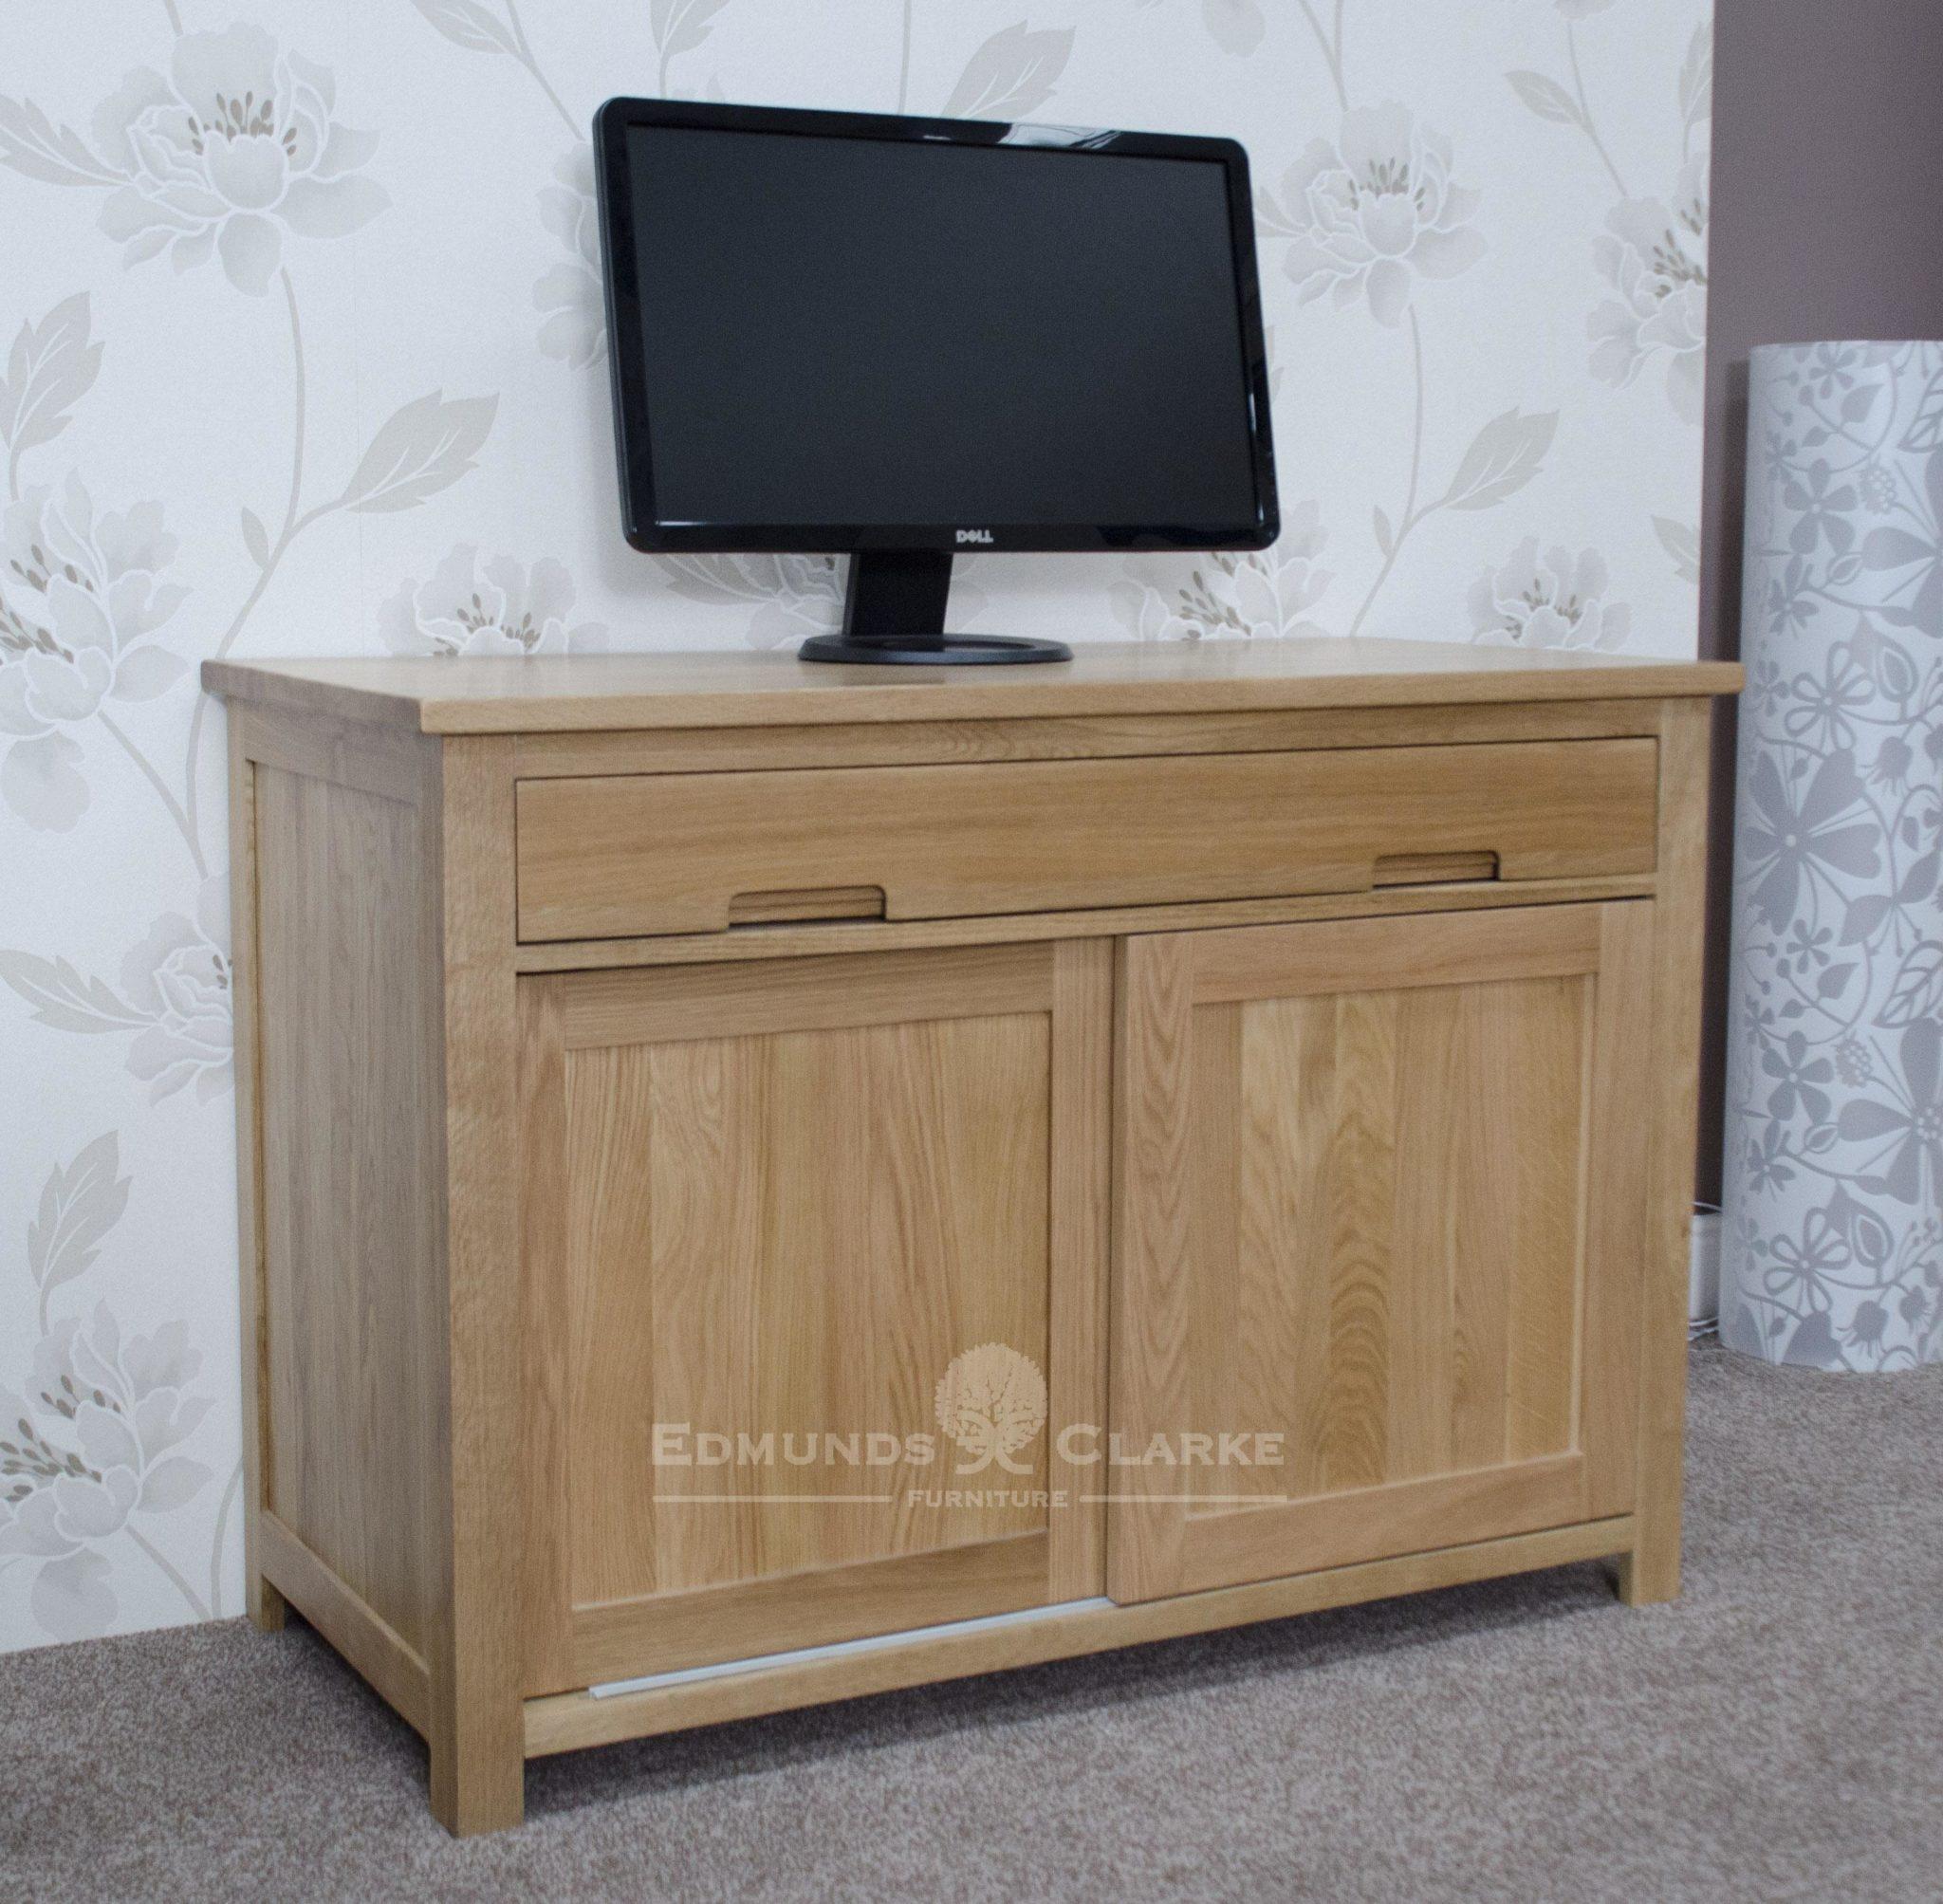 Bury oak home office hideaway hideaway desk , 2 sliding doors with 3 internal drawers with tower storage too.